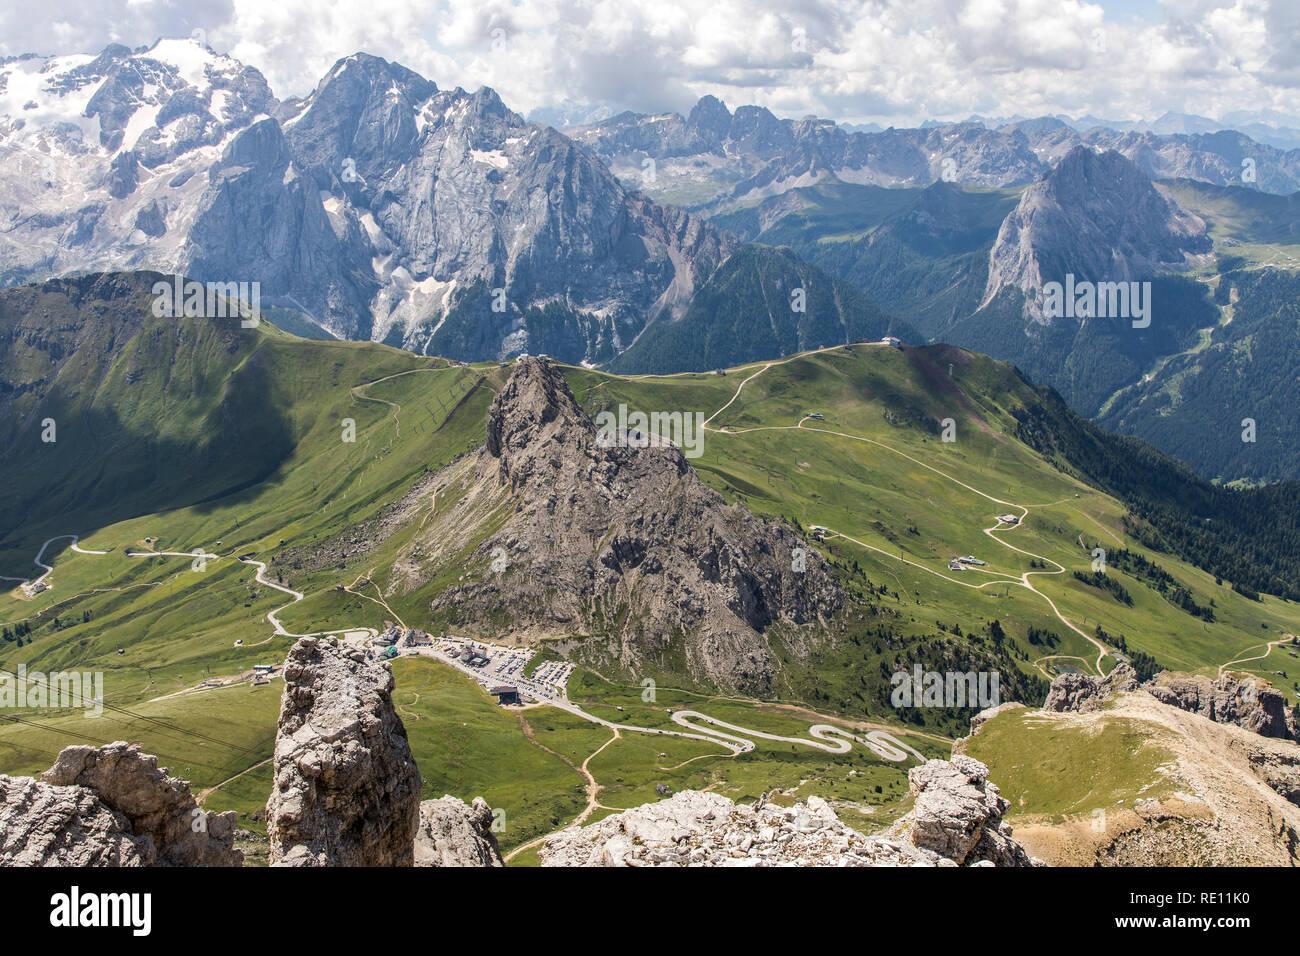 Veneto, mountain landscape on the Pordoi Pass, Dolomites, Italy, pass at 2239 meters altitude, valley station of the mountain railway to Sass Pordoi,  - Stock Image